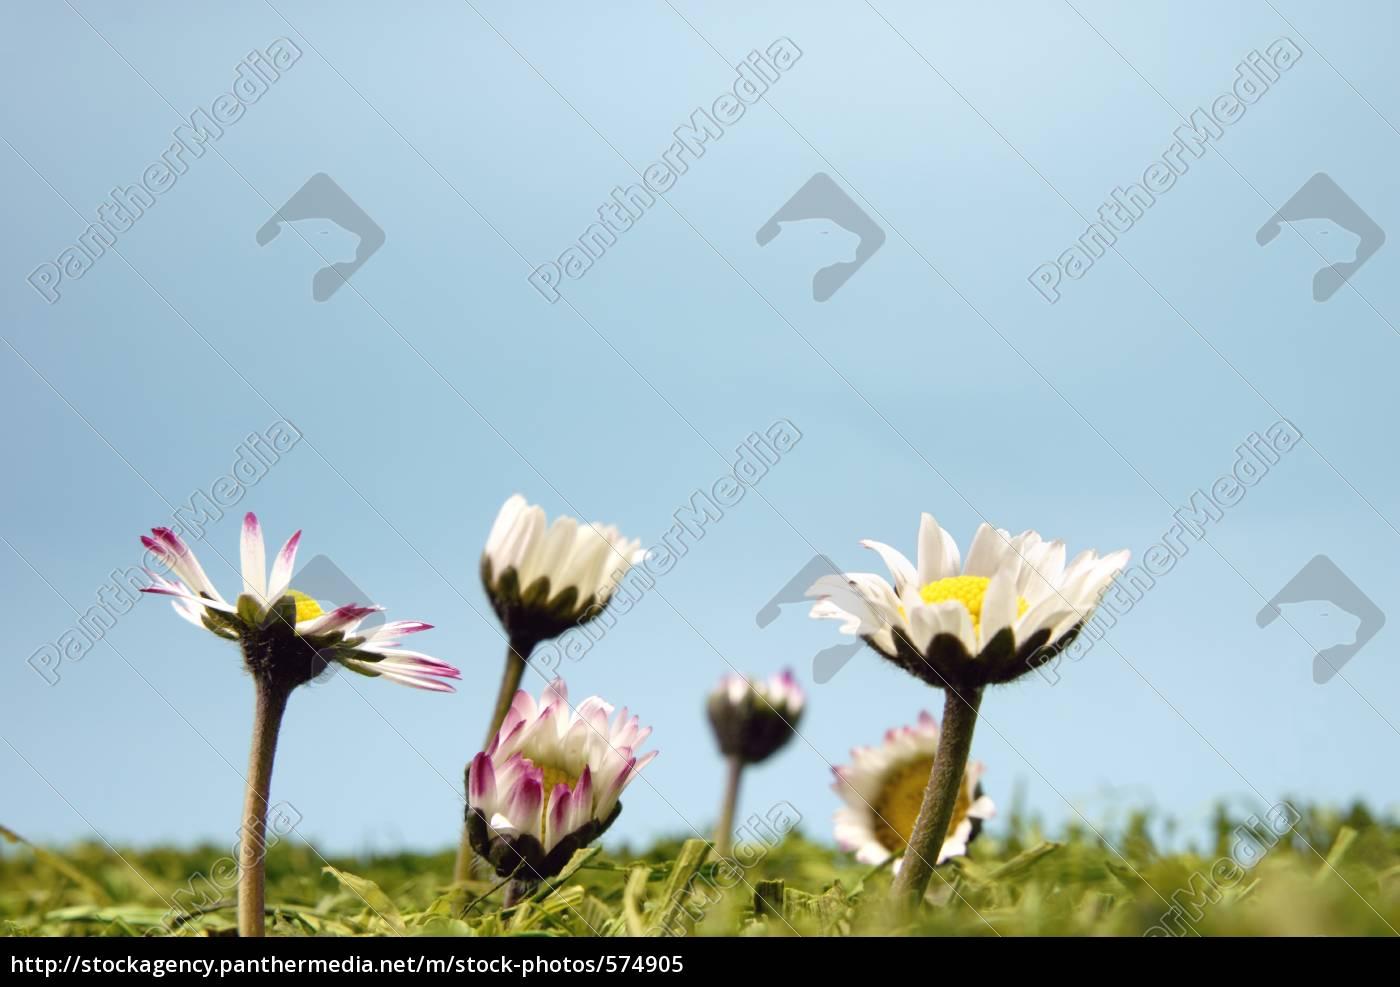 spring, awakening - 574905